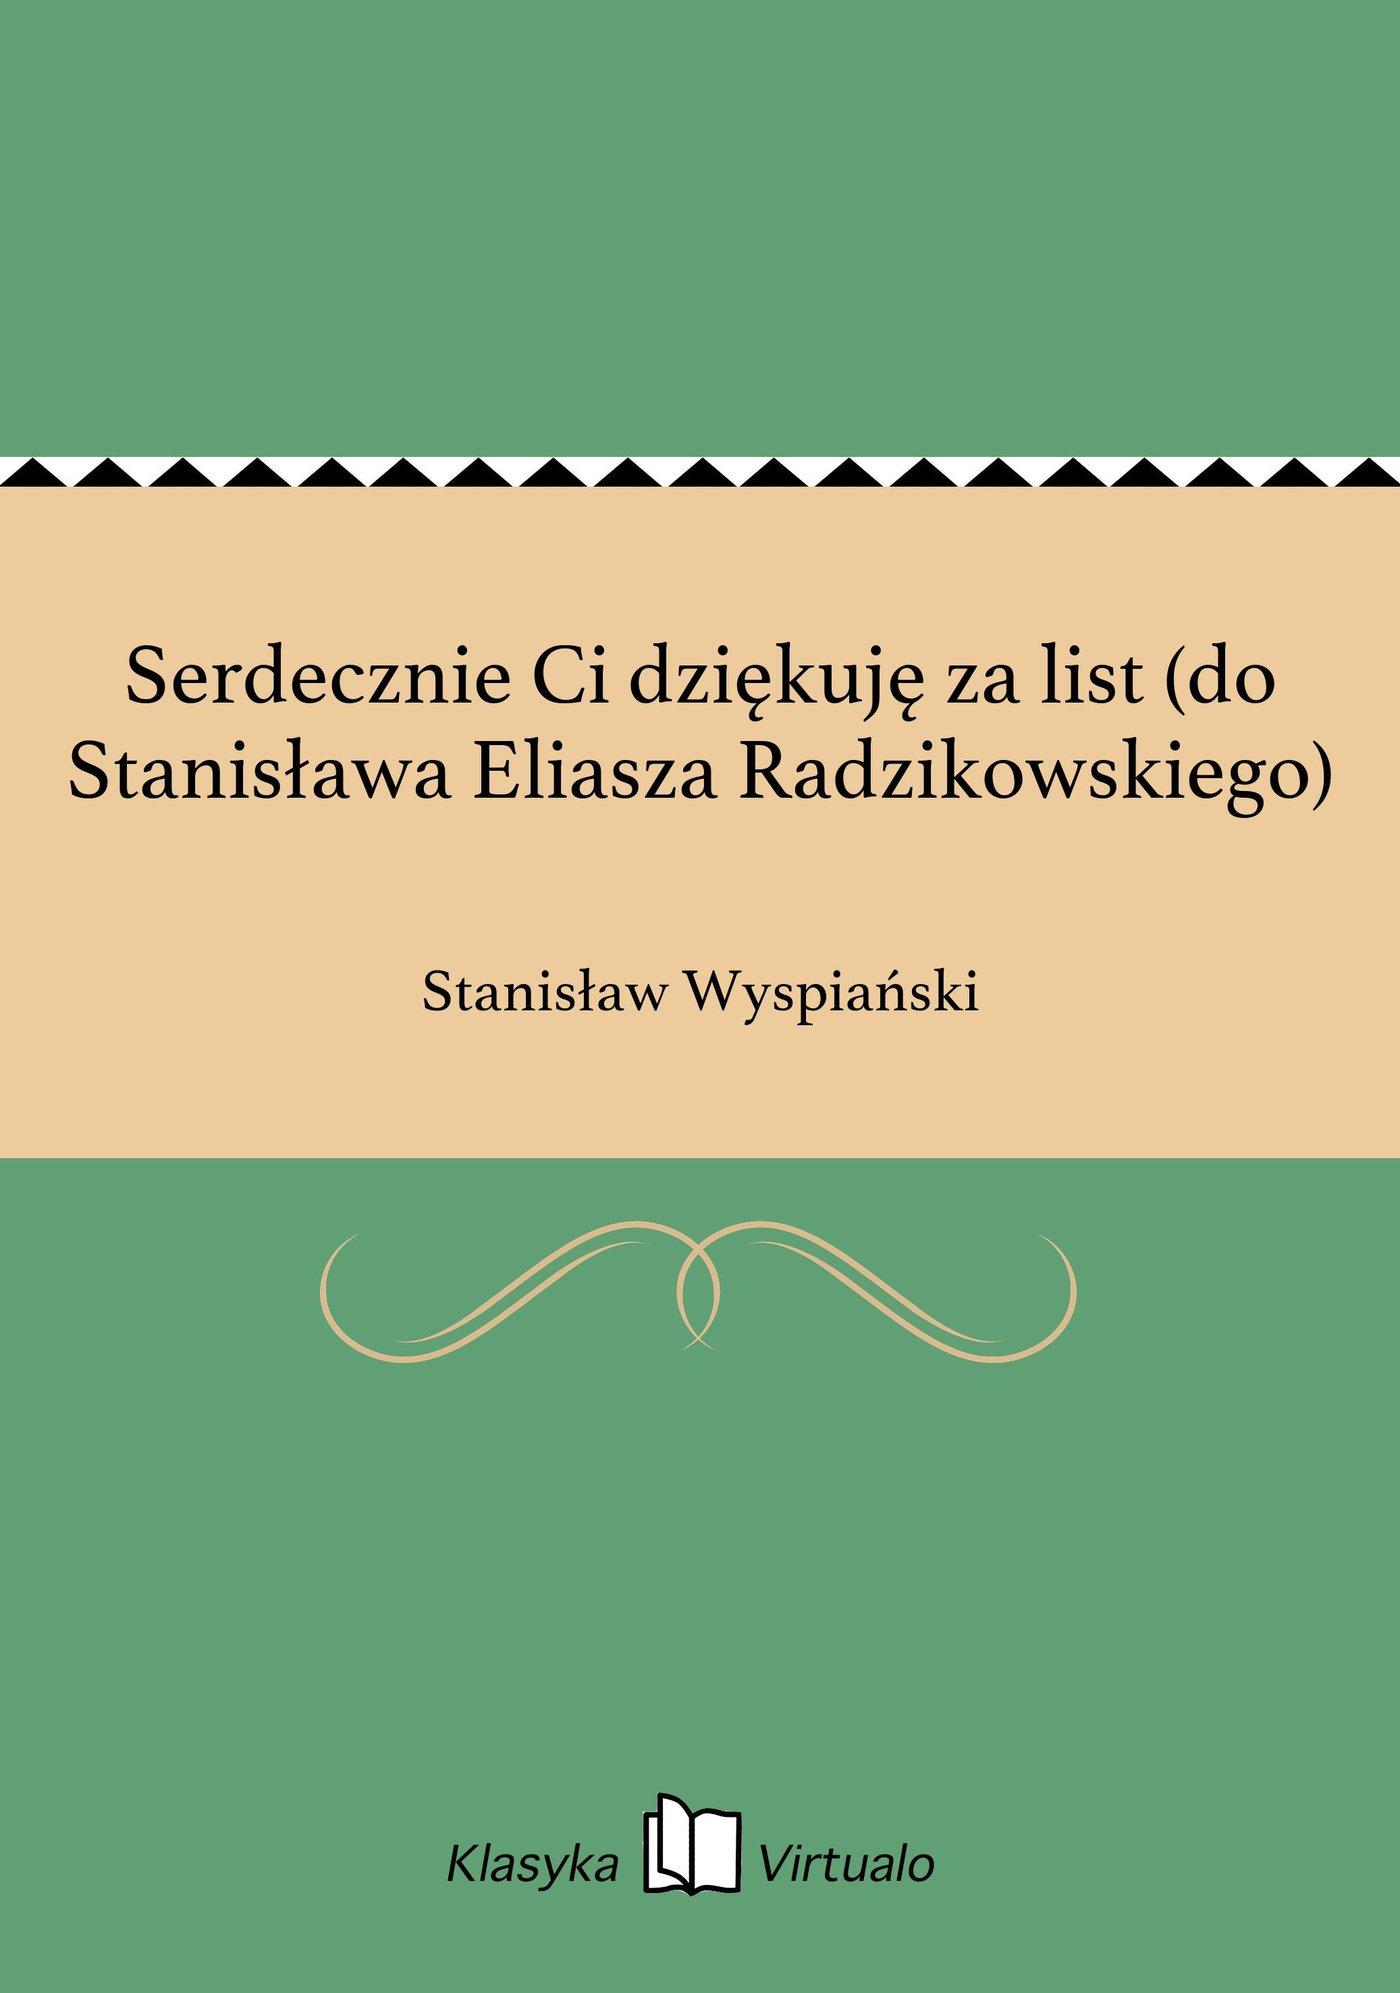 Serdecznie Ci dziękuję za list (do Stanisława Eliasza Radzikowskiego) - Ebook (Książka EPUB) do pobrania w formacie EPUB